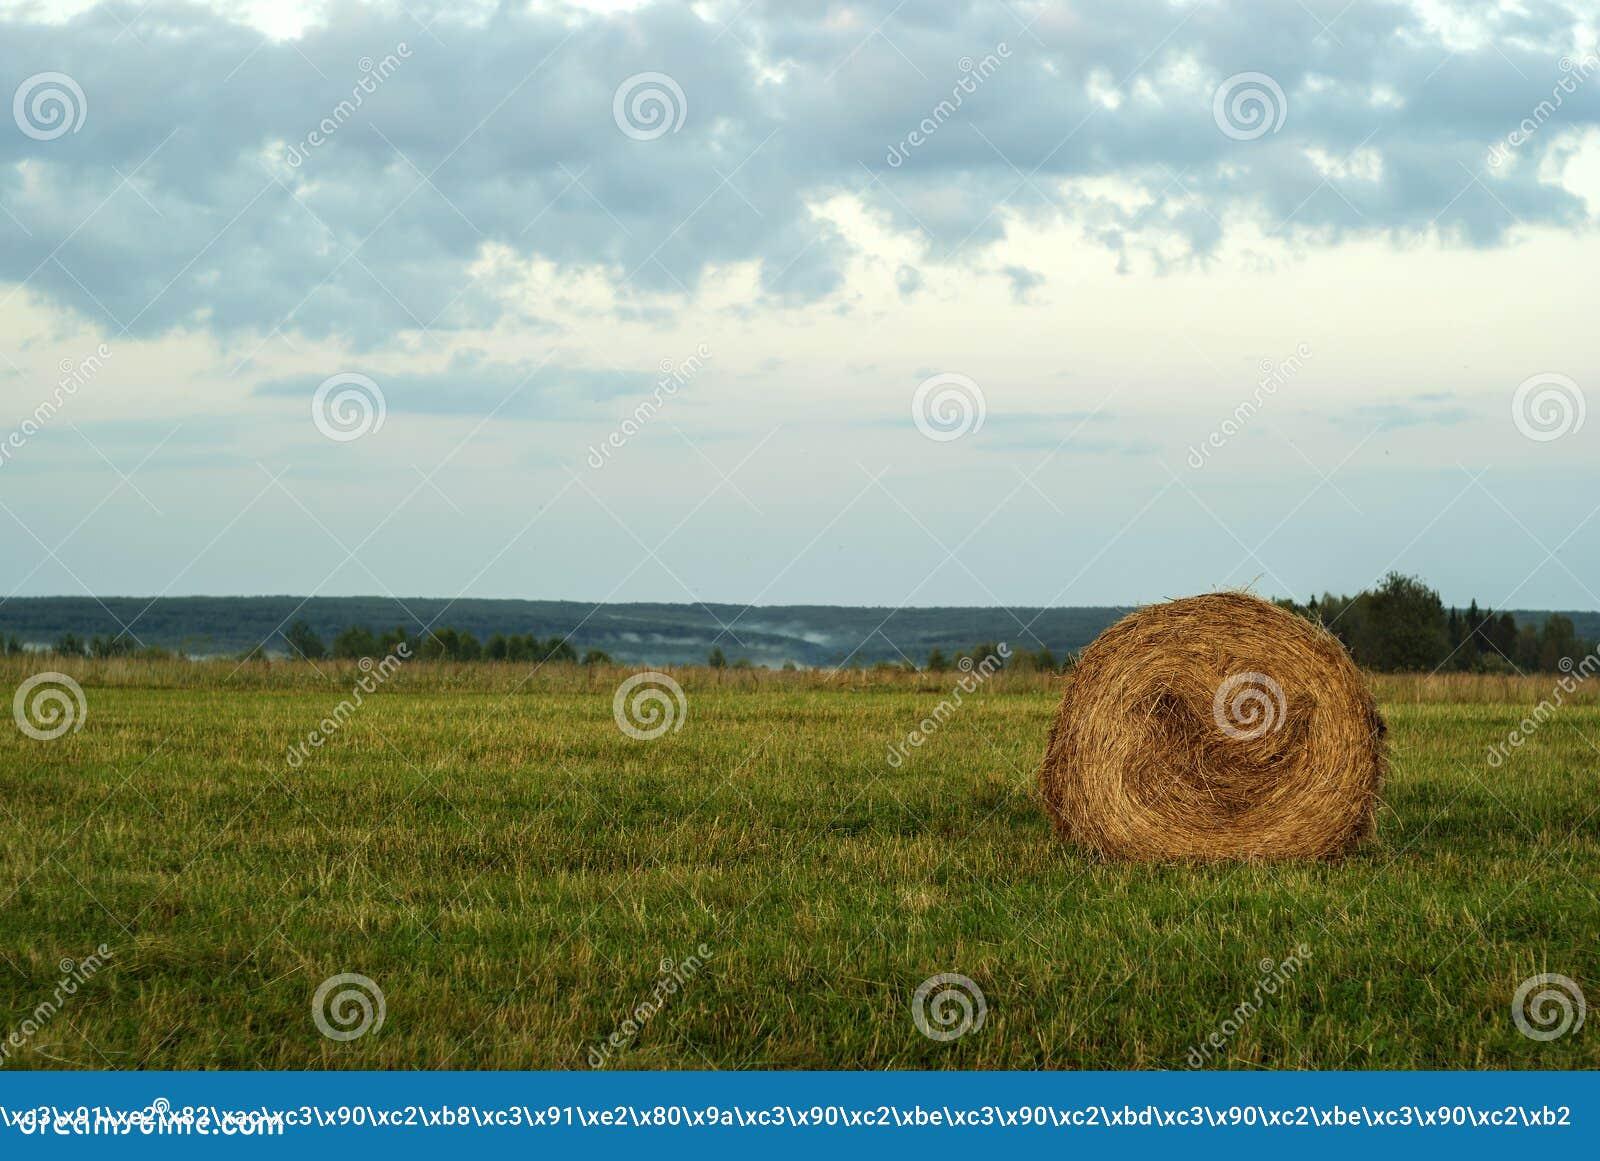 Pacote redondo do feno em um prado chanfrado